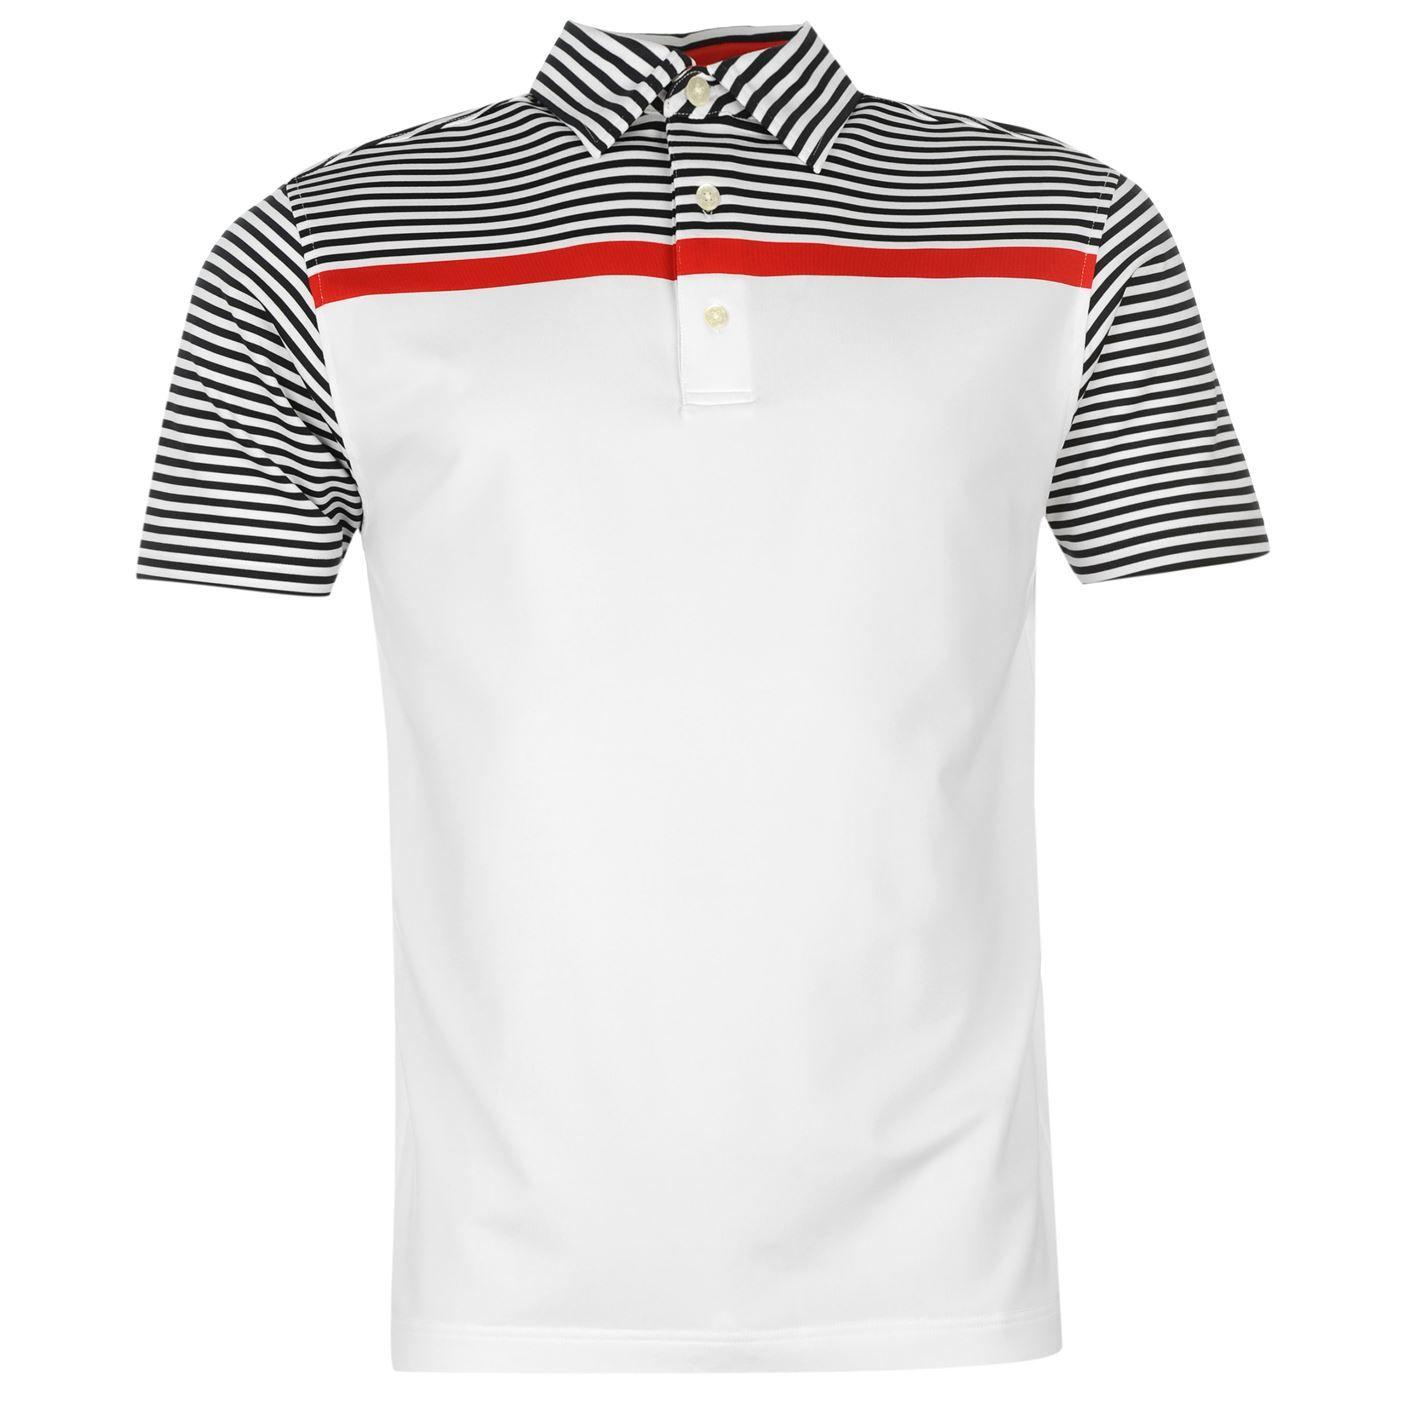 Footjoy | Footjoy Engineered Stripe Polo Shirt Mens | Mens Golf Polos